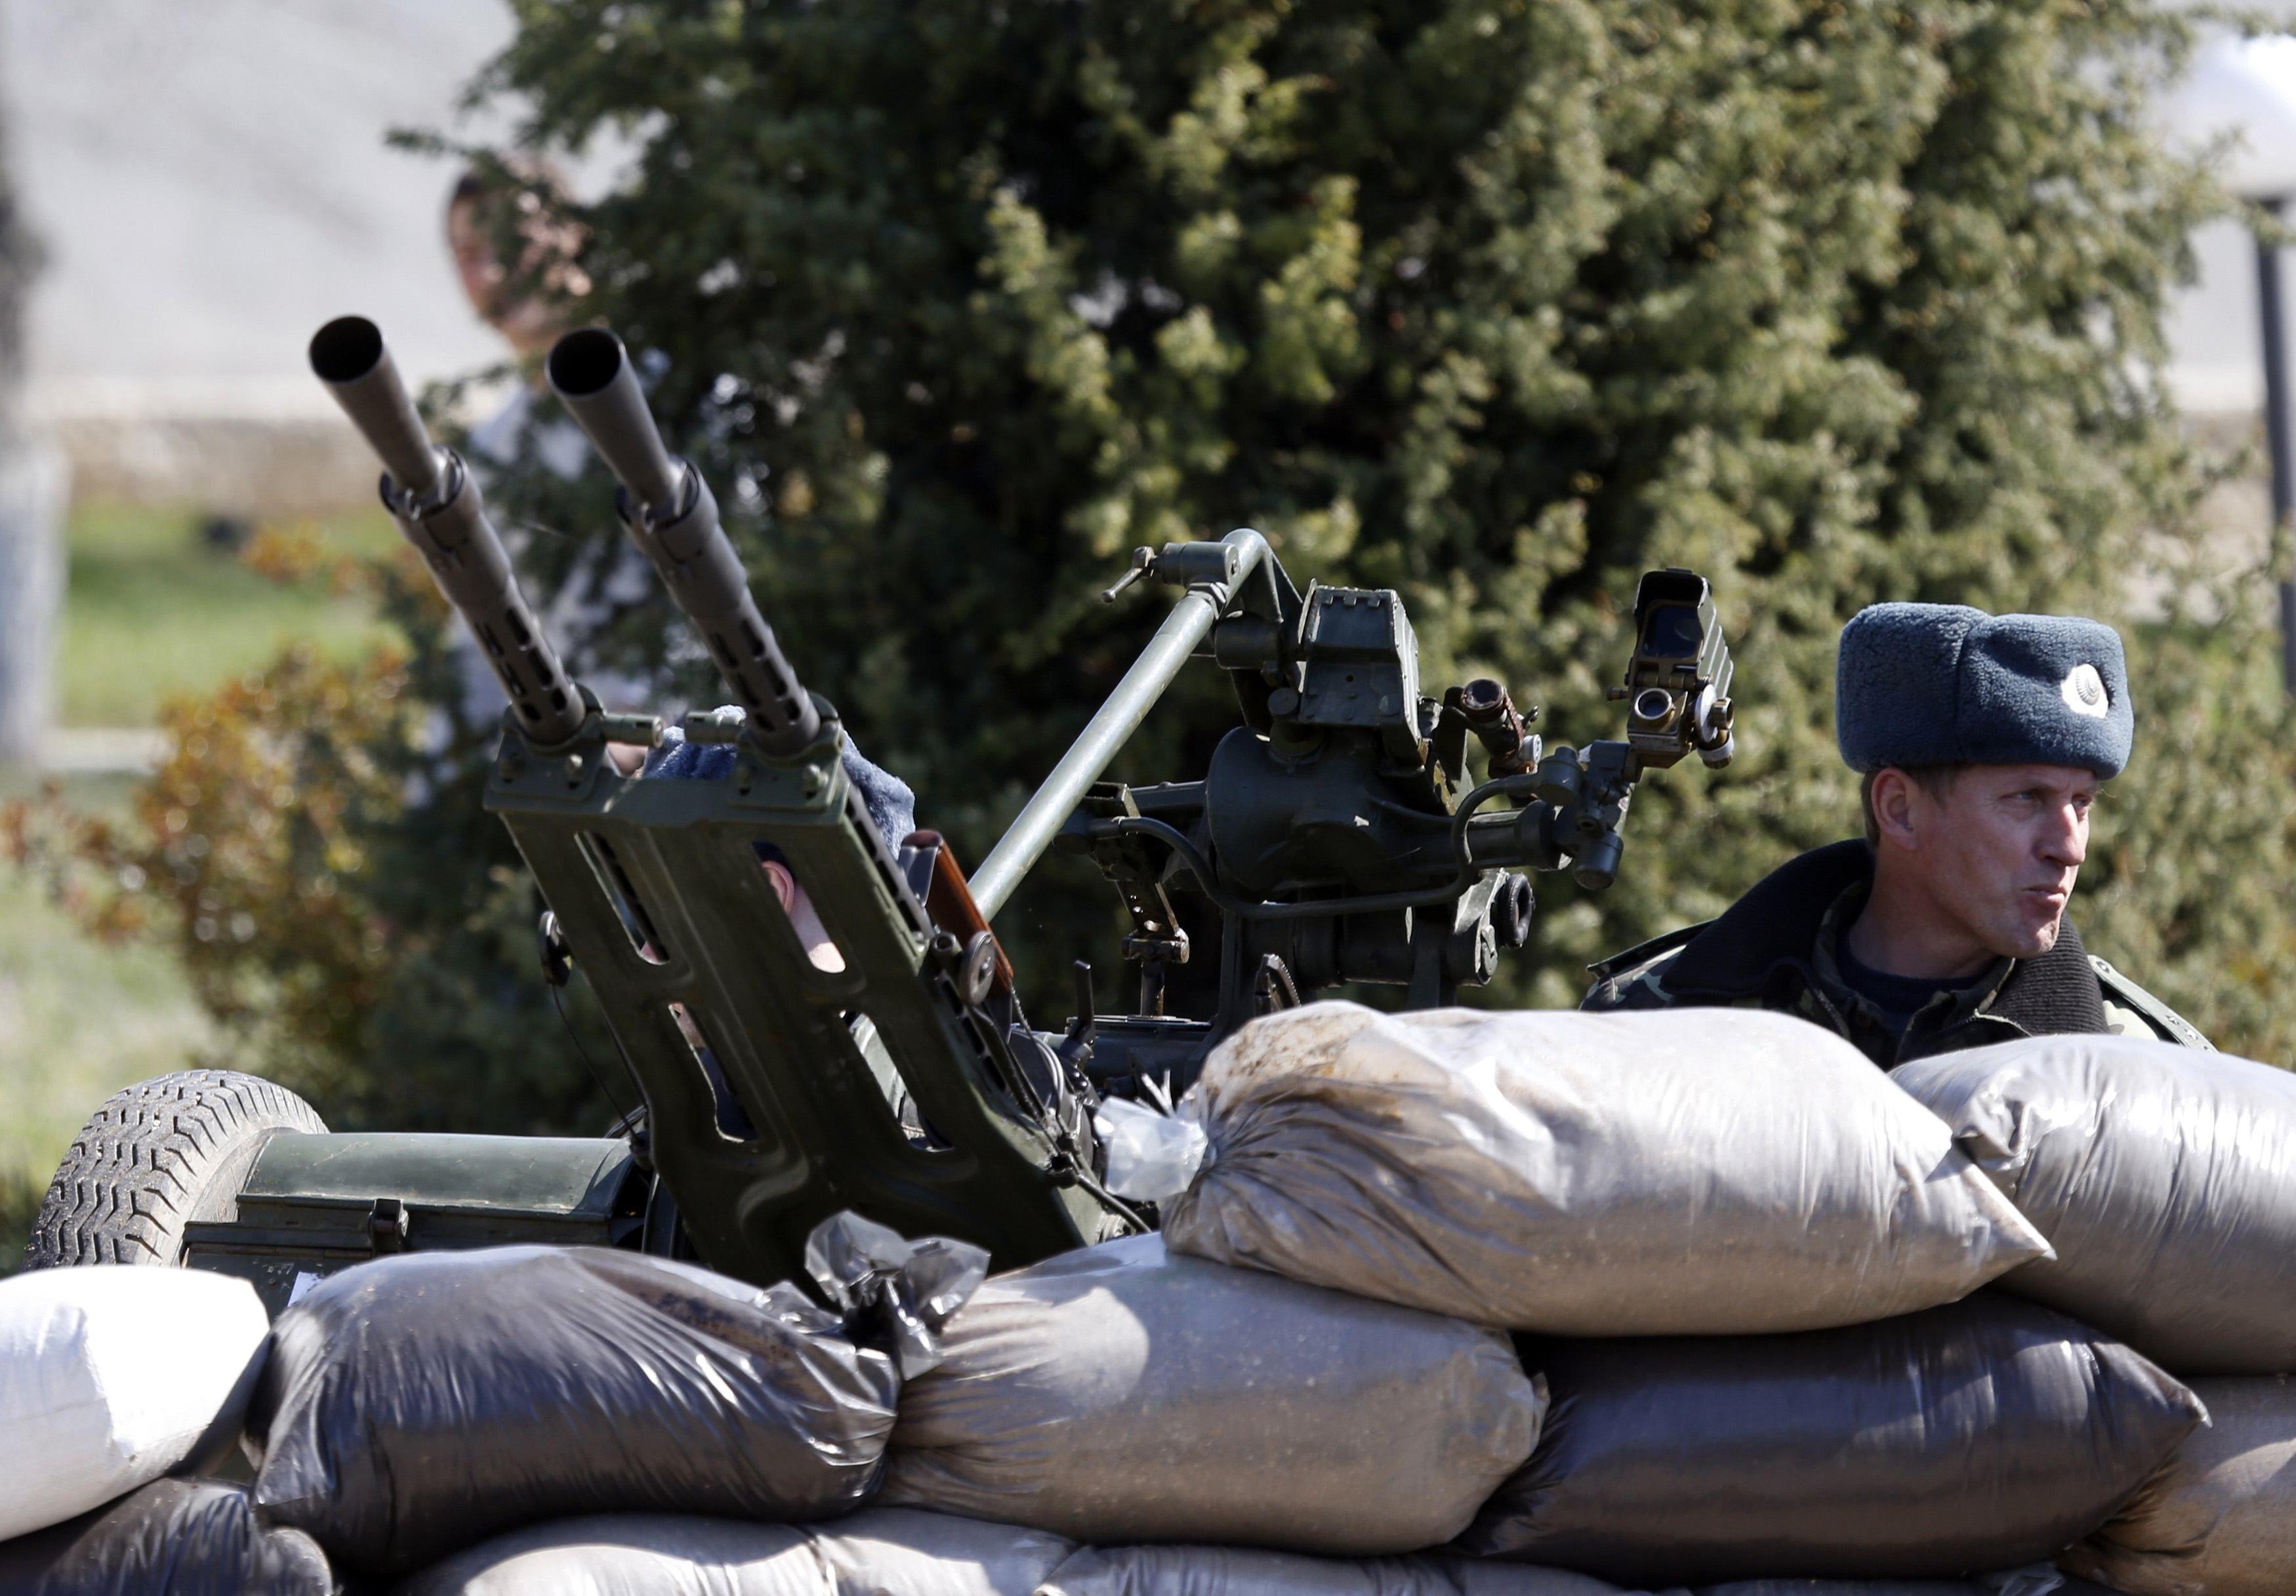 Украинские военные в Крыму должны оставаться верны присяге